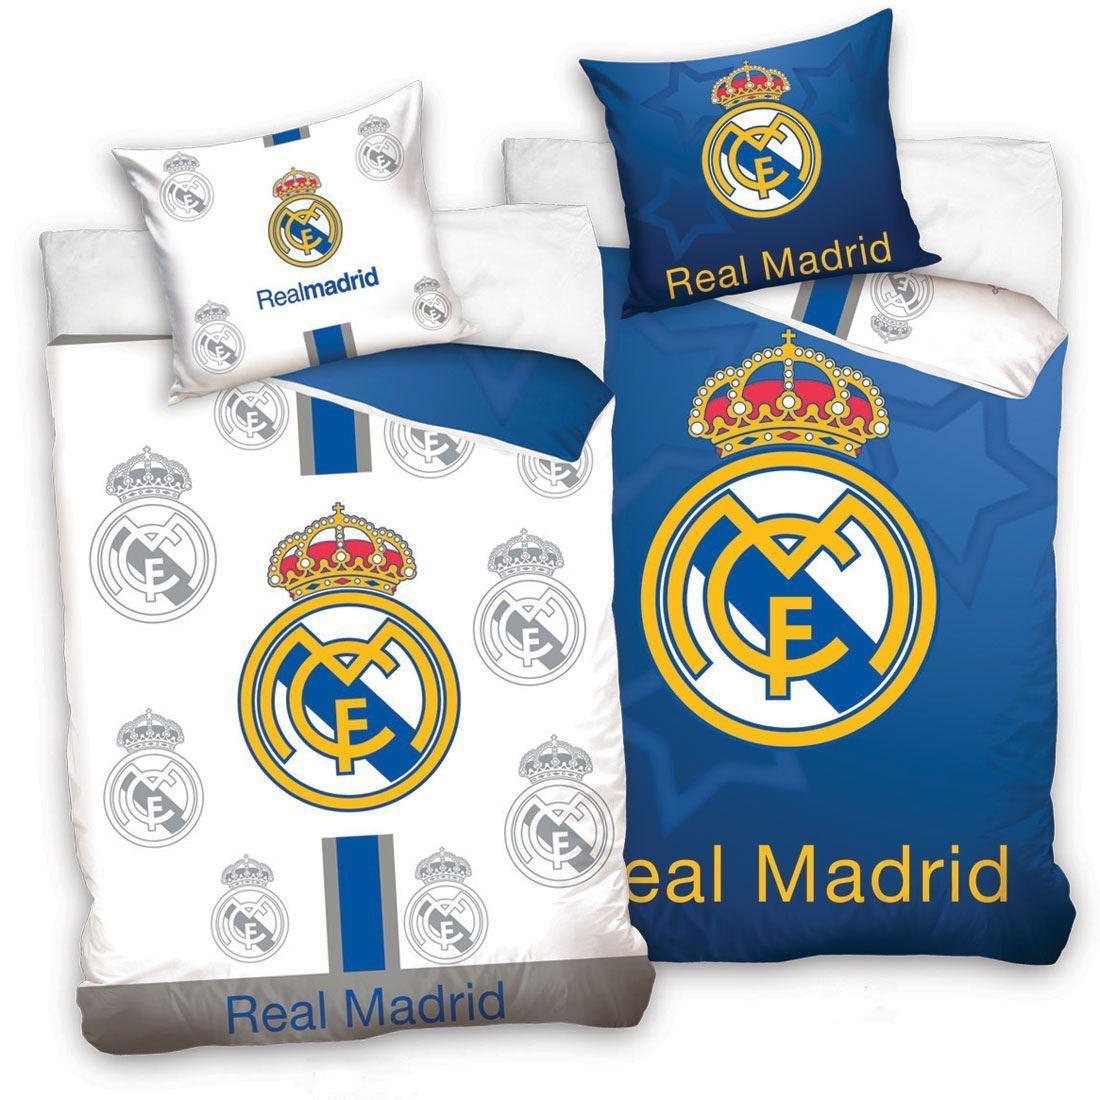 fdda90a242e38 Futbalové kluby (všetky) | Real Madrid posteľné obliečky - SKLADOM ...